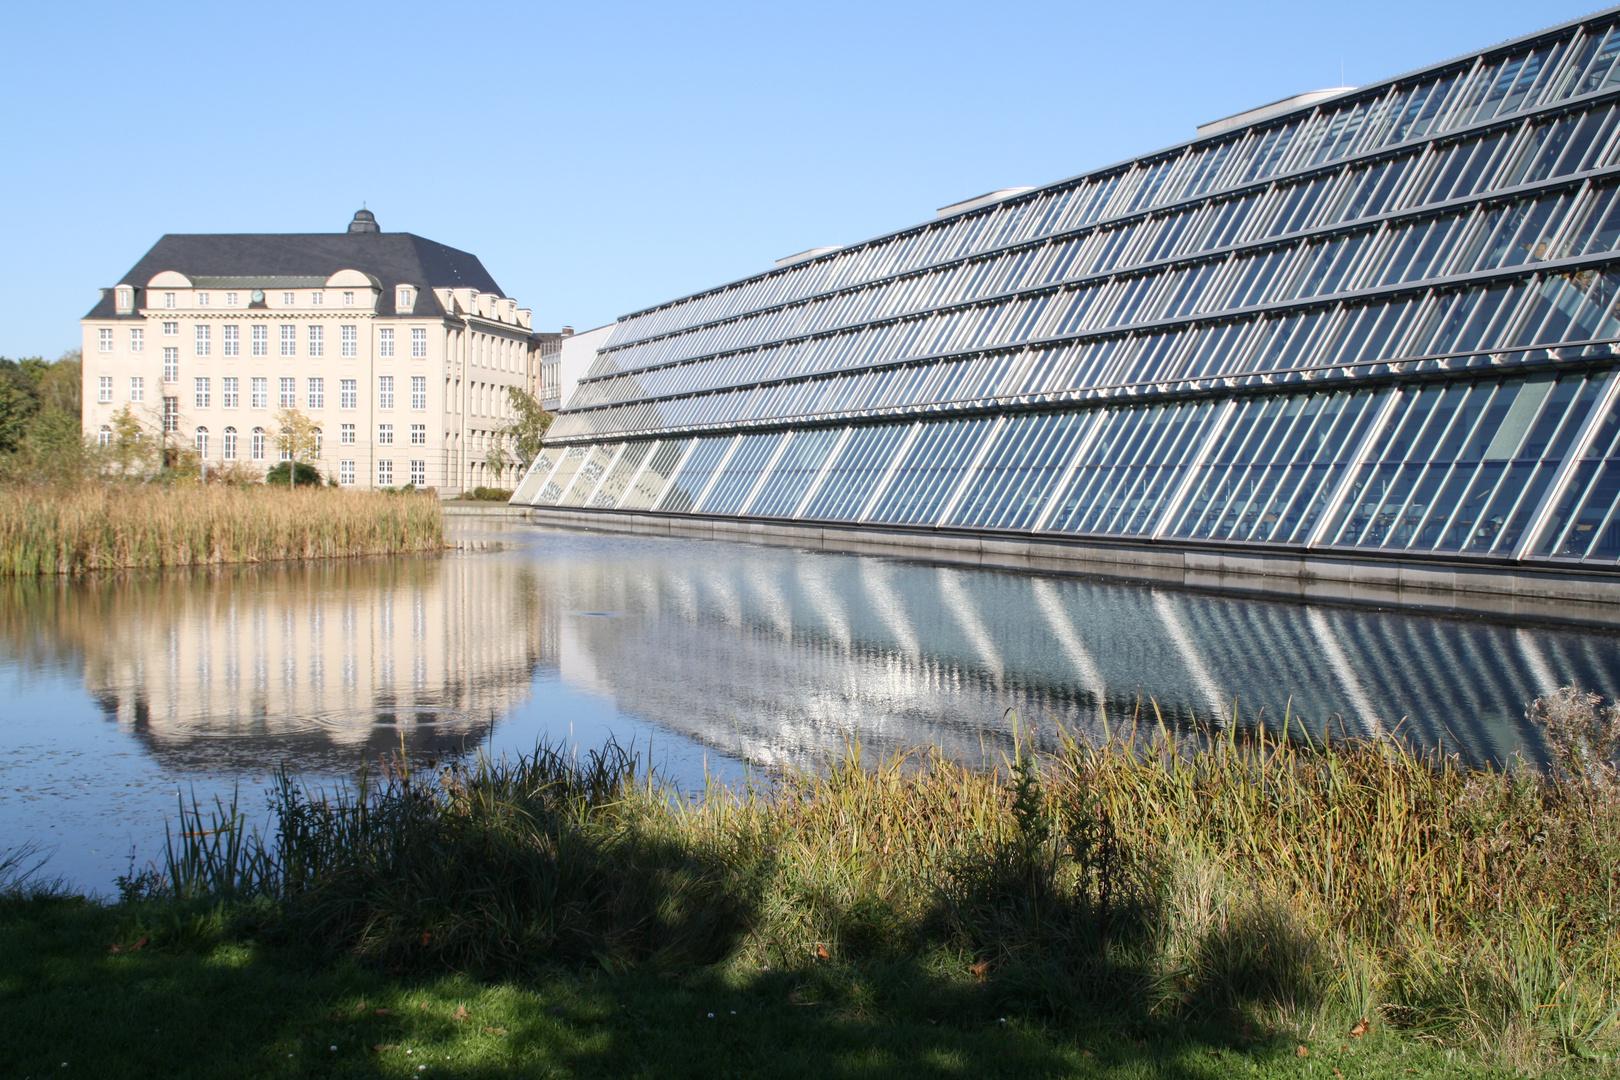 Wissenschaftspark in Gelsenkirchen